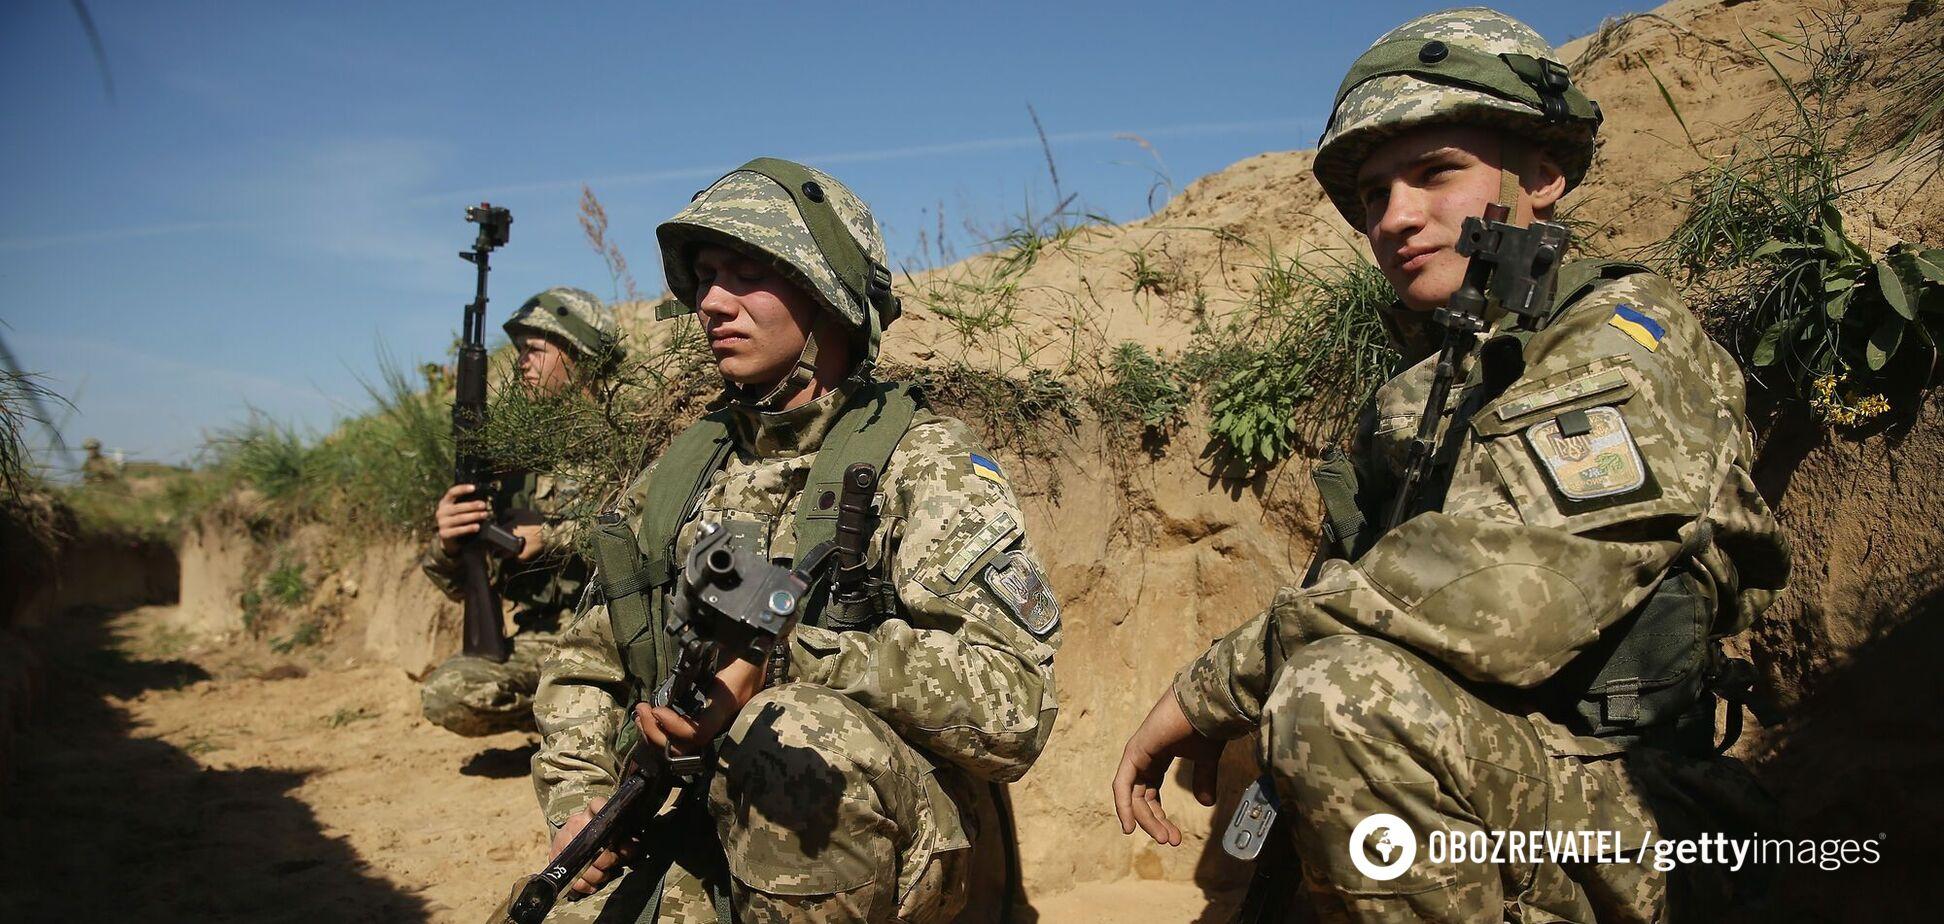 Ситуация на Донбассе кардинально изменилась, Кремль взял курс на эскалацию, – Бессмертный